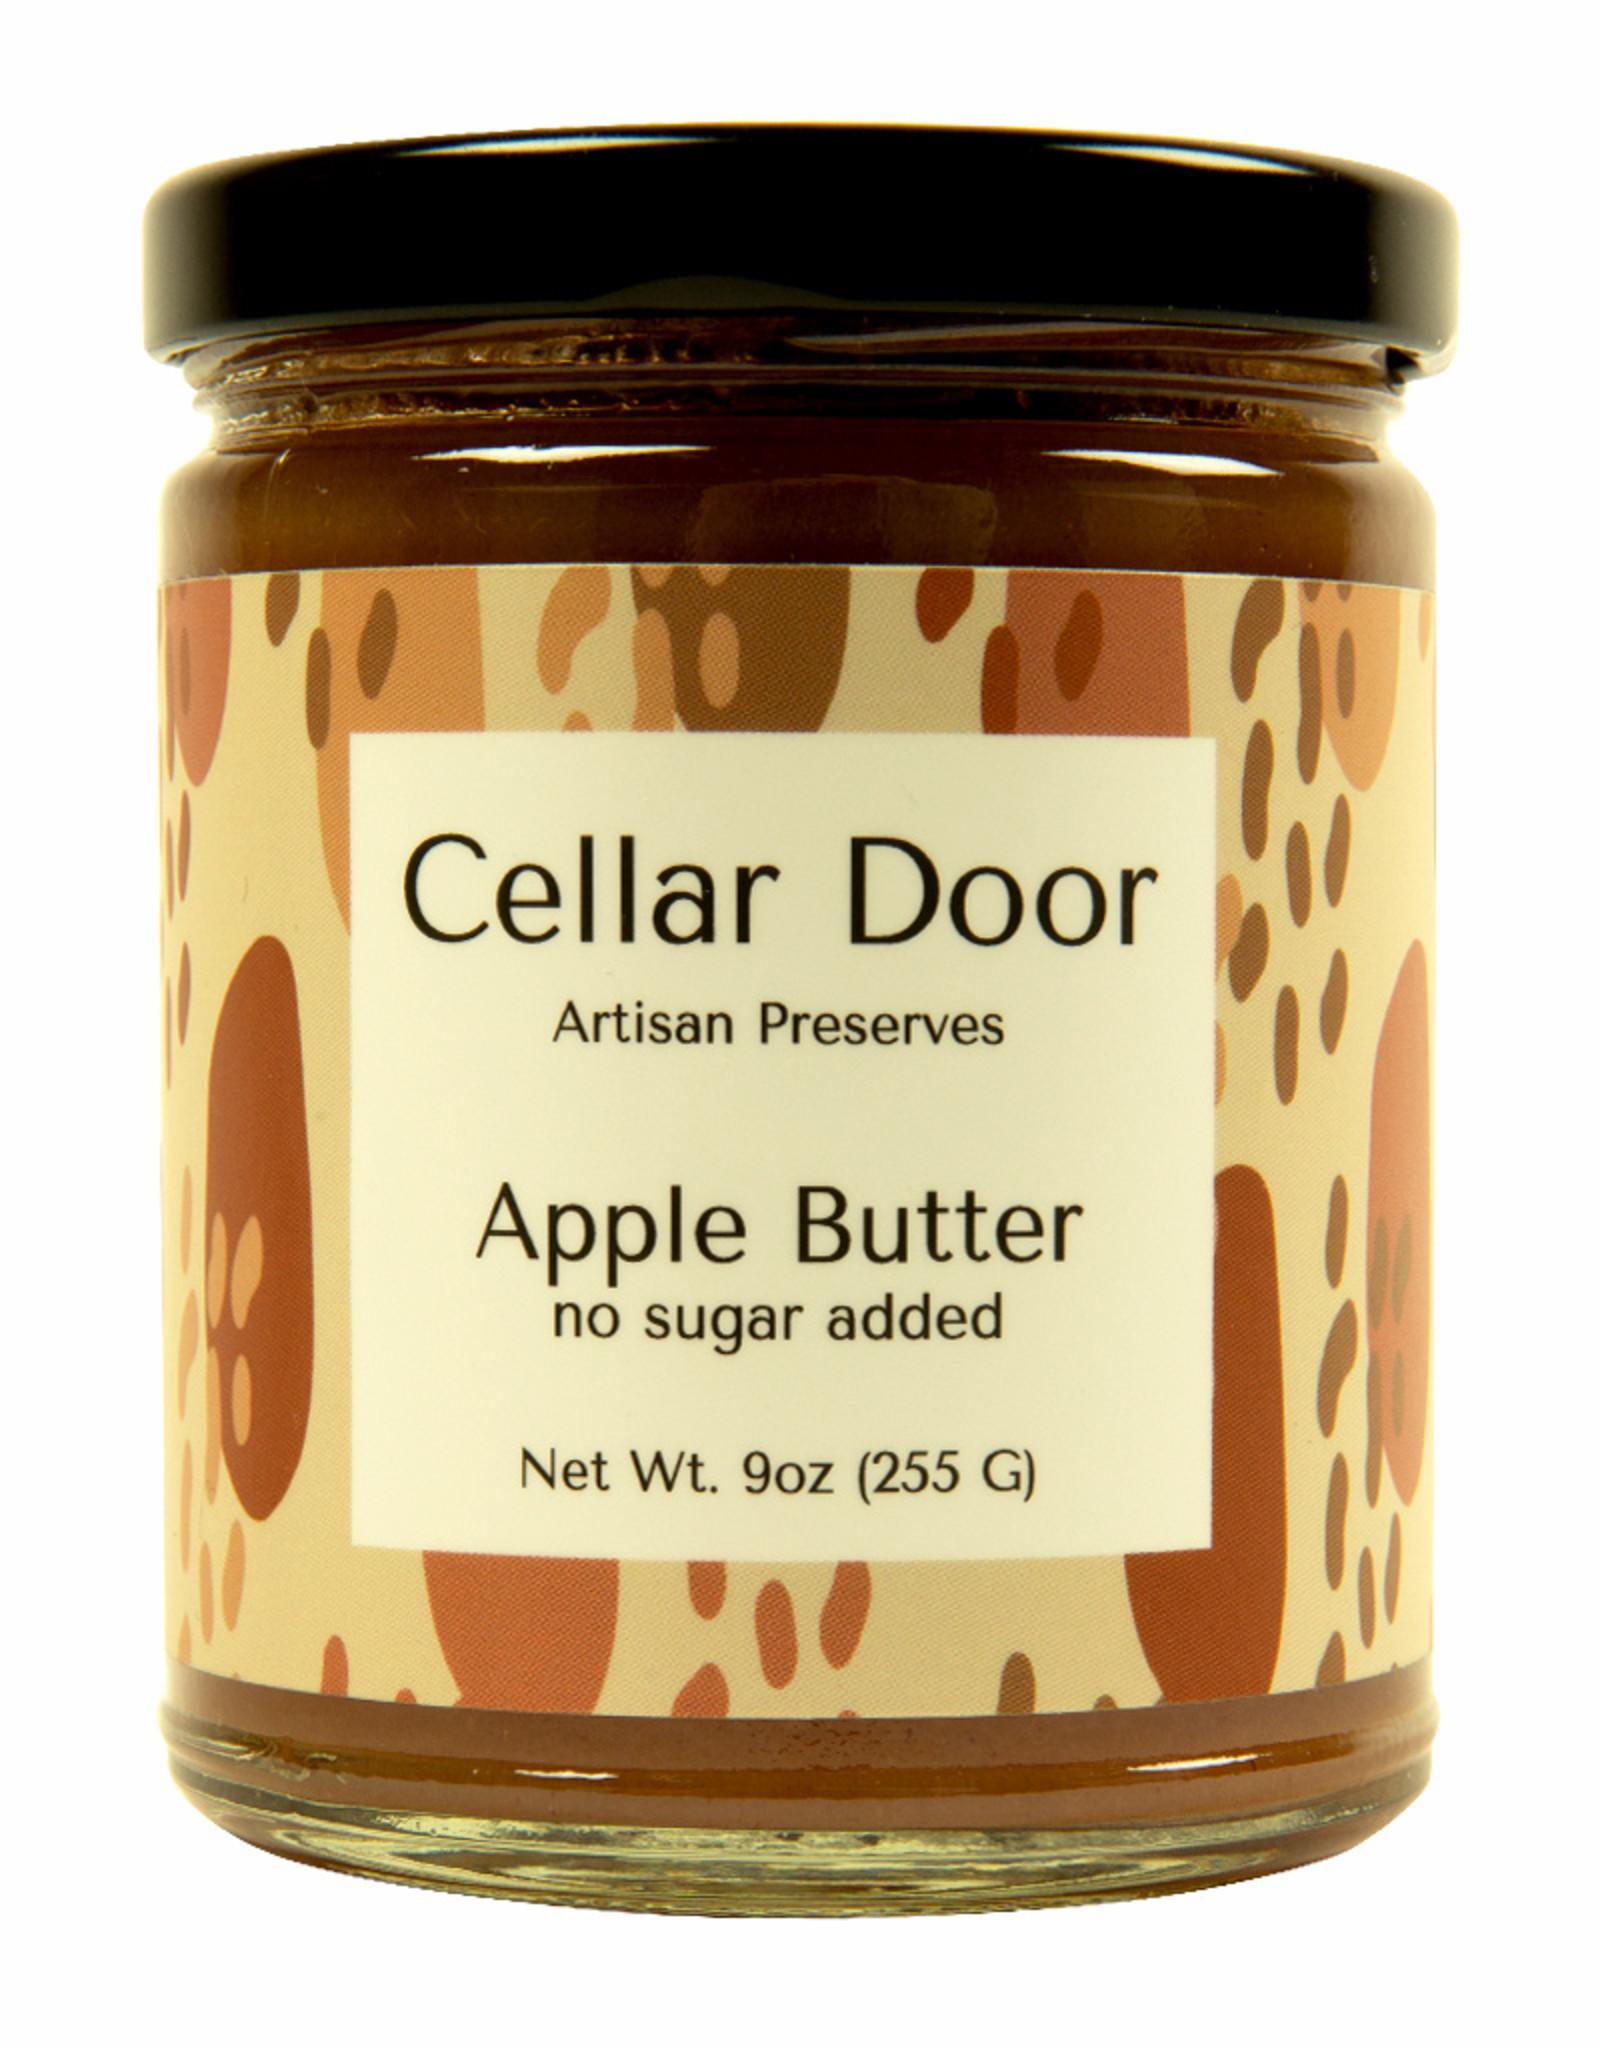 Cellar Door Apple Butter Jam